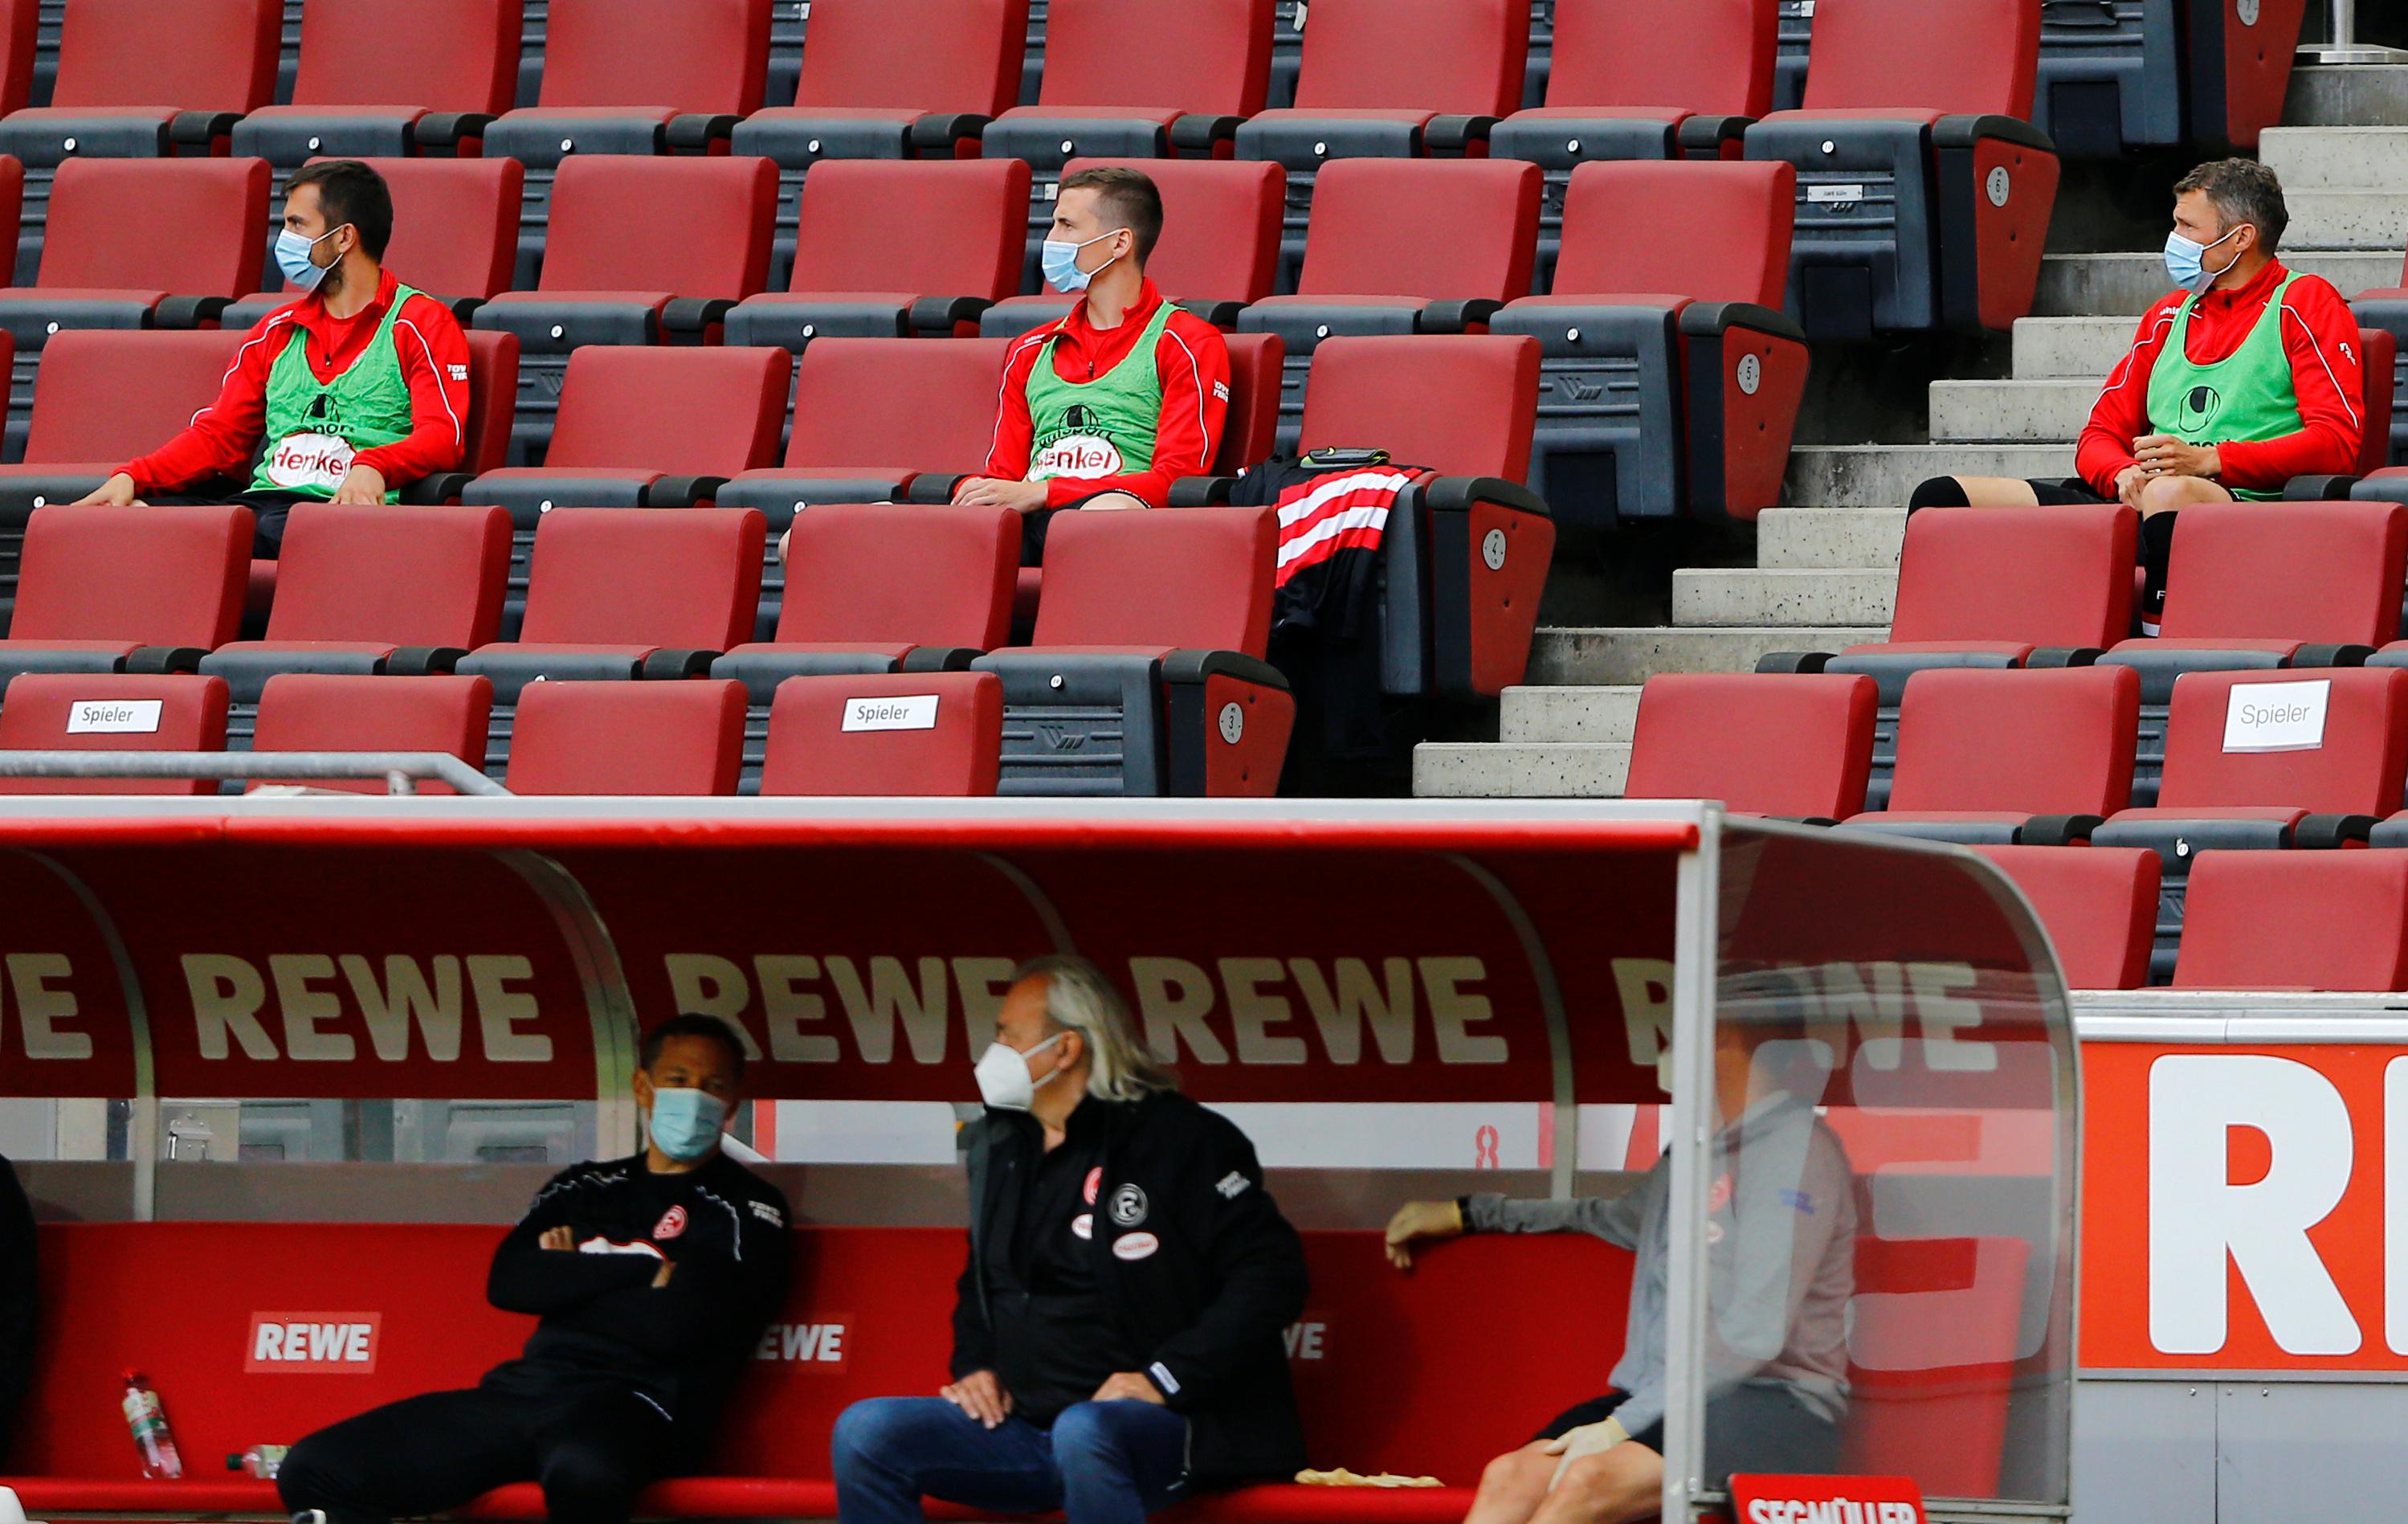 الدوري الألماني أول بطولة كبرى تستأنف نشاطها في الأسبوع الماضي لكن بدون جمهور وخلف أبواب مغلقة